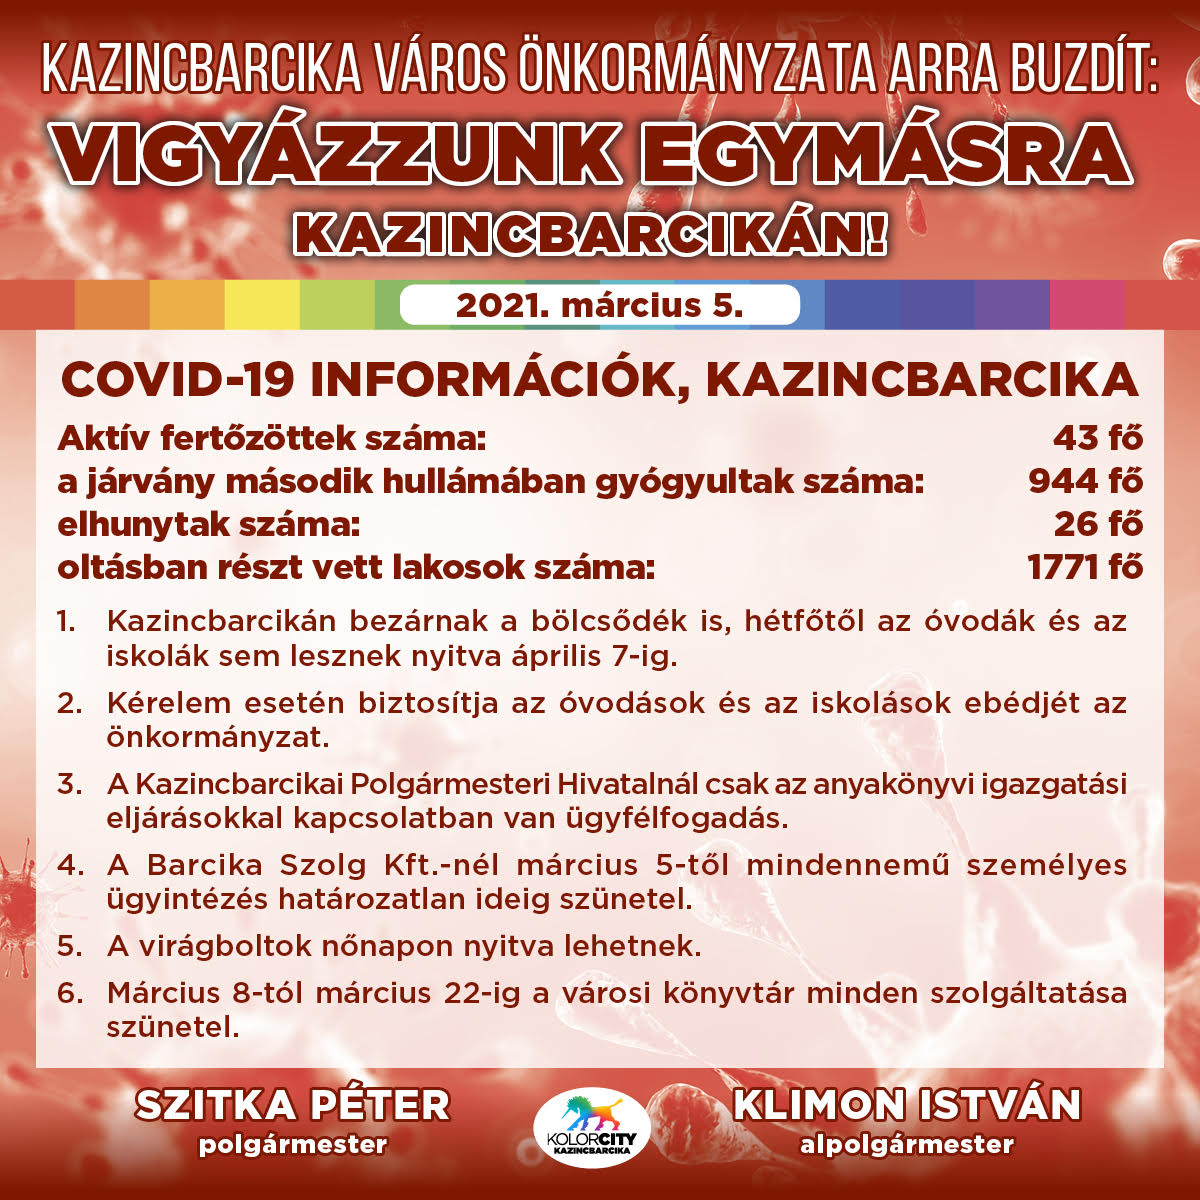 https://kolorline.hu/Vigyázzunk egymásra Kazincbarcikán! – 2021. március 5.